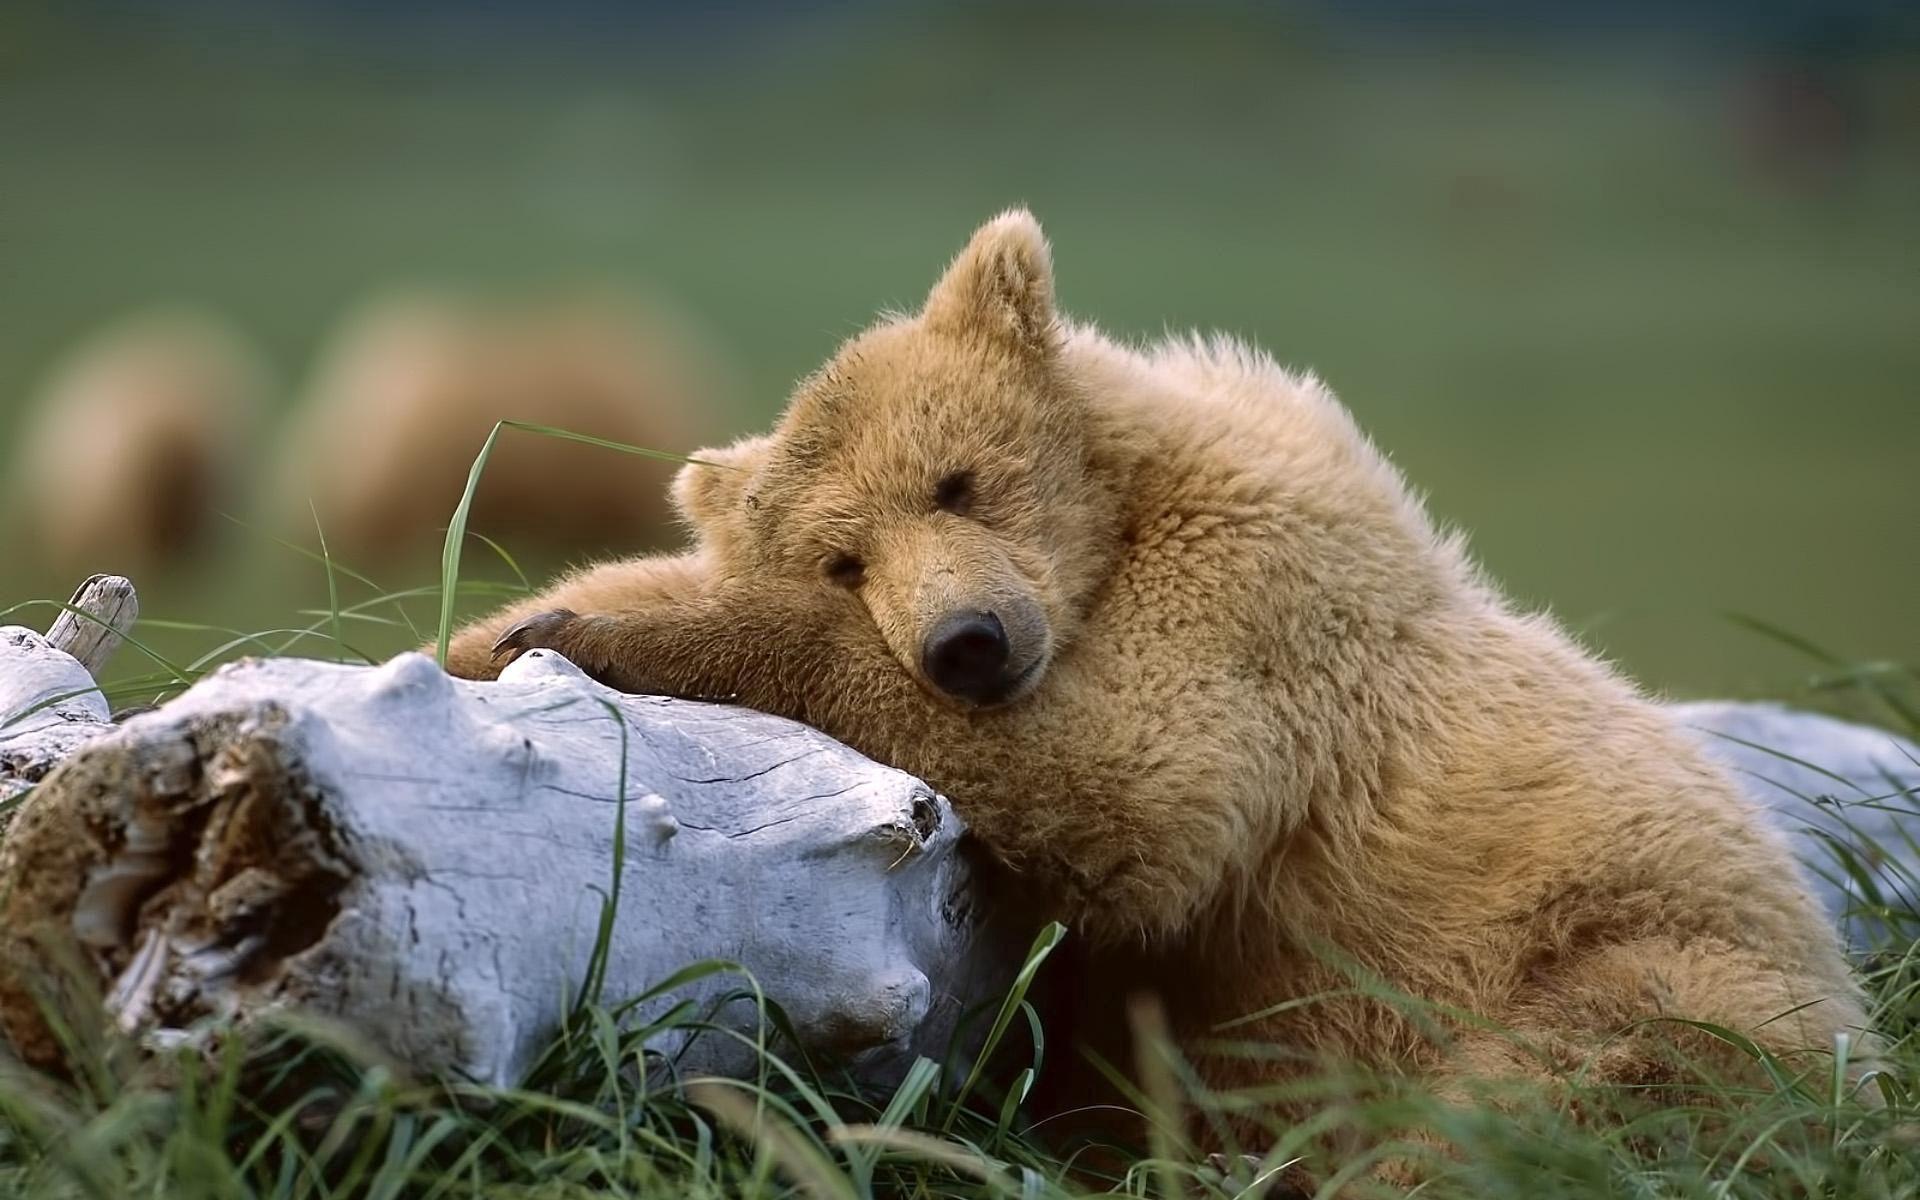 102624 скачать обои Животные, Медведь, Лежать, Трава, Бревно - заставки и картинки бесплатно